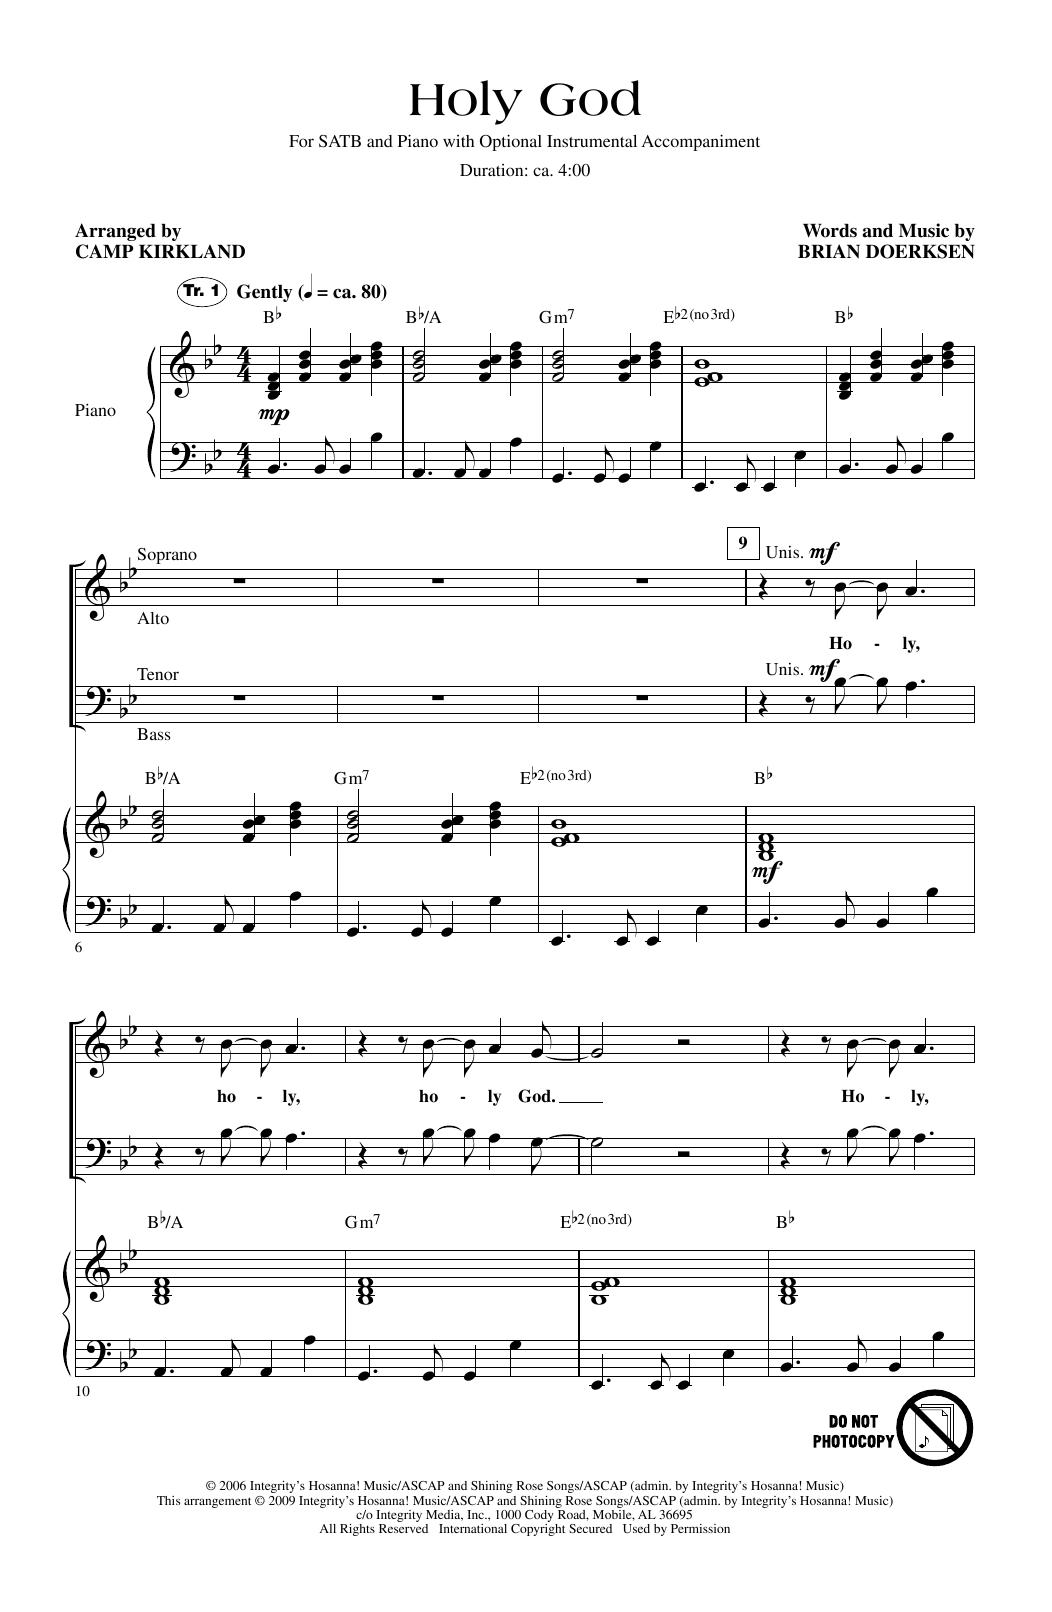 Holy God (arr. Camp Kirkland) (SATB Choir)